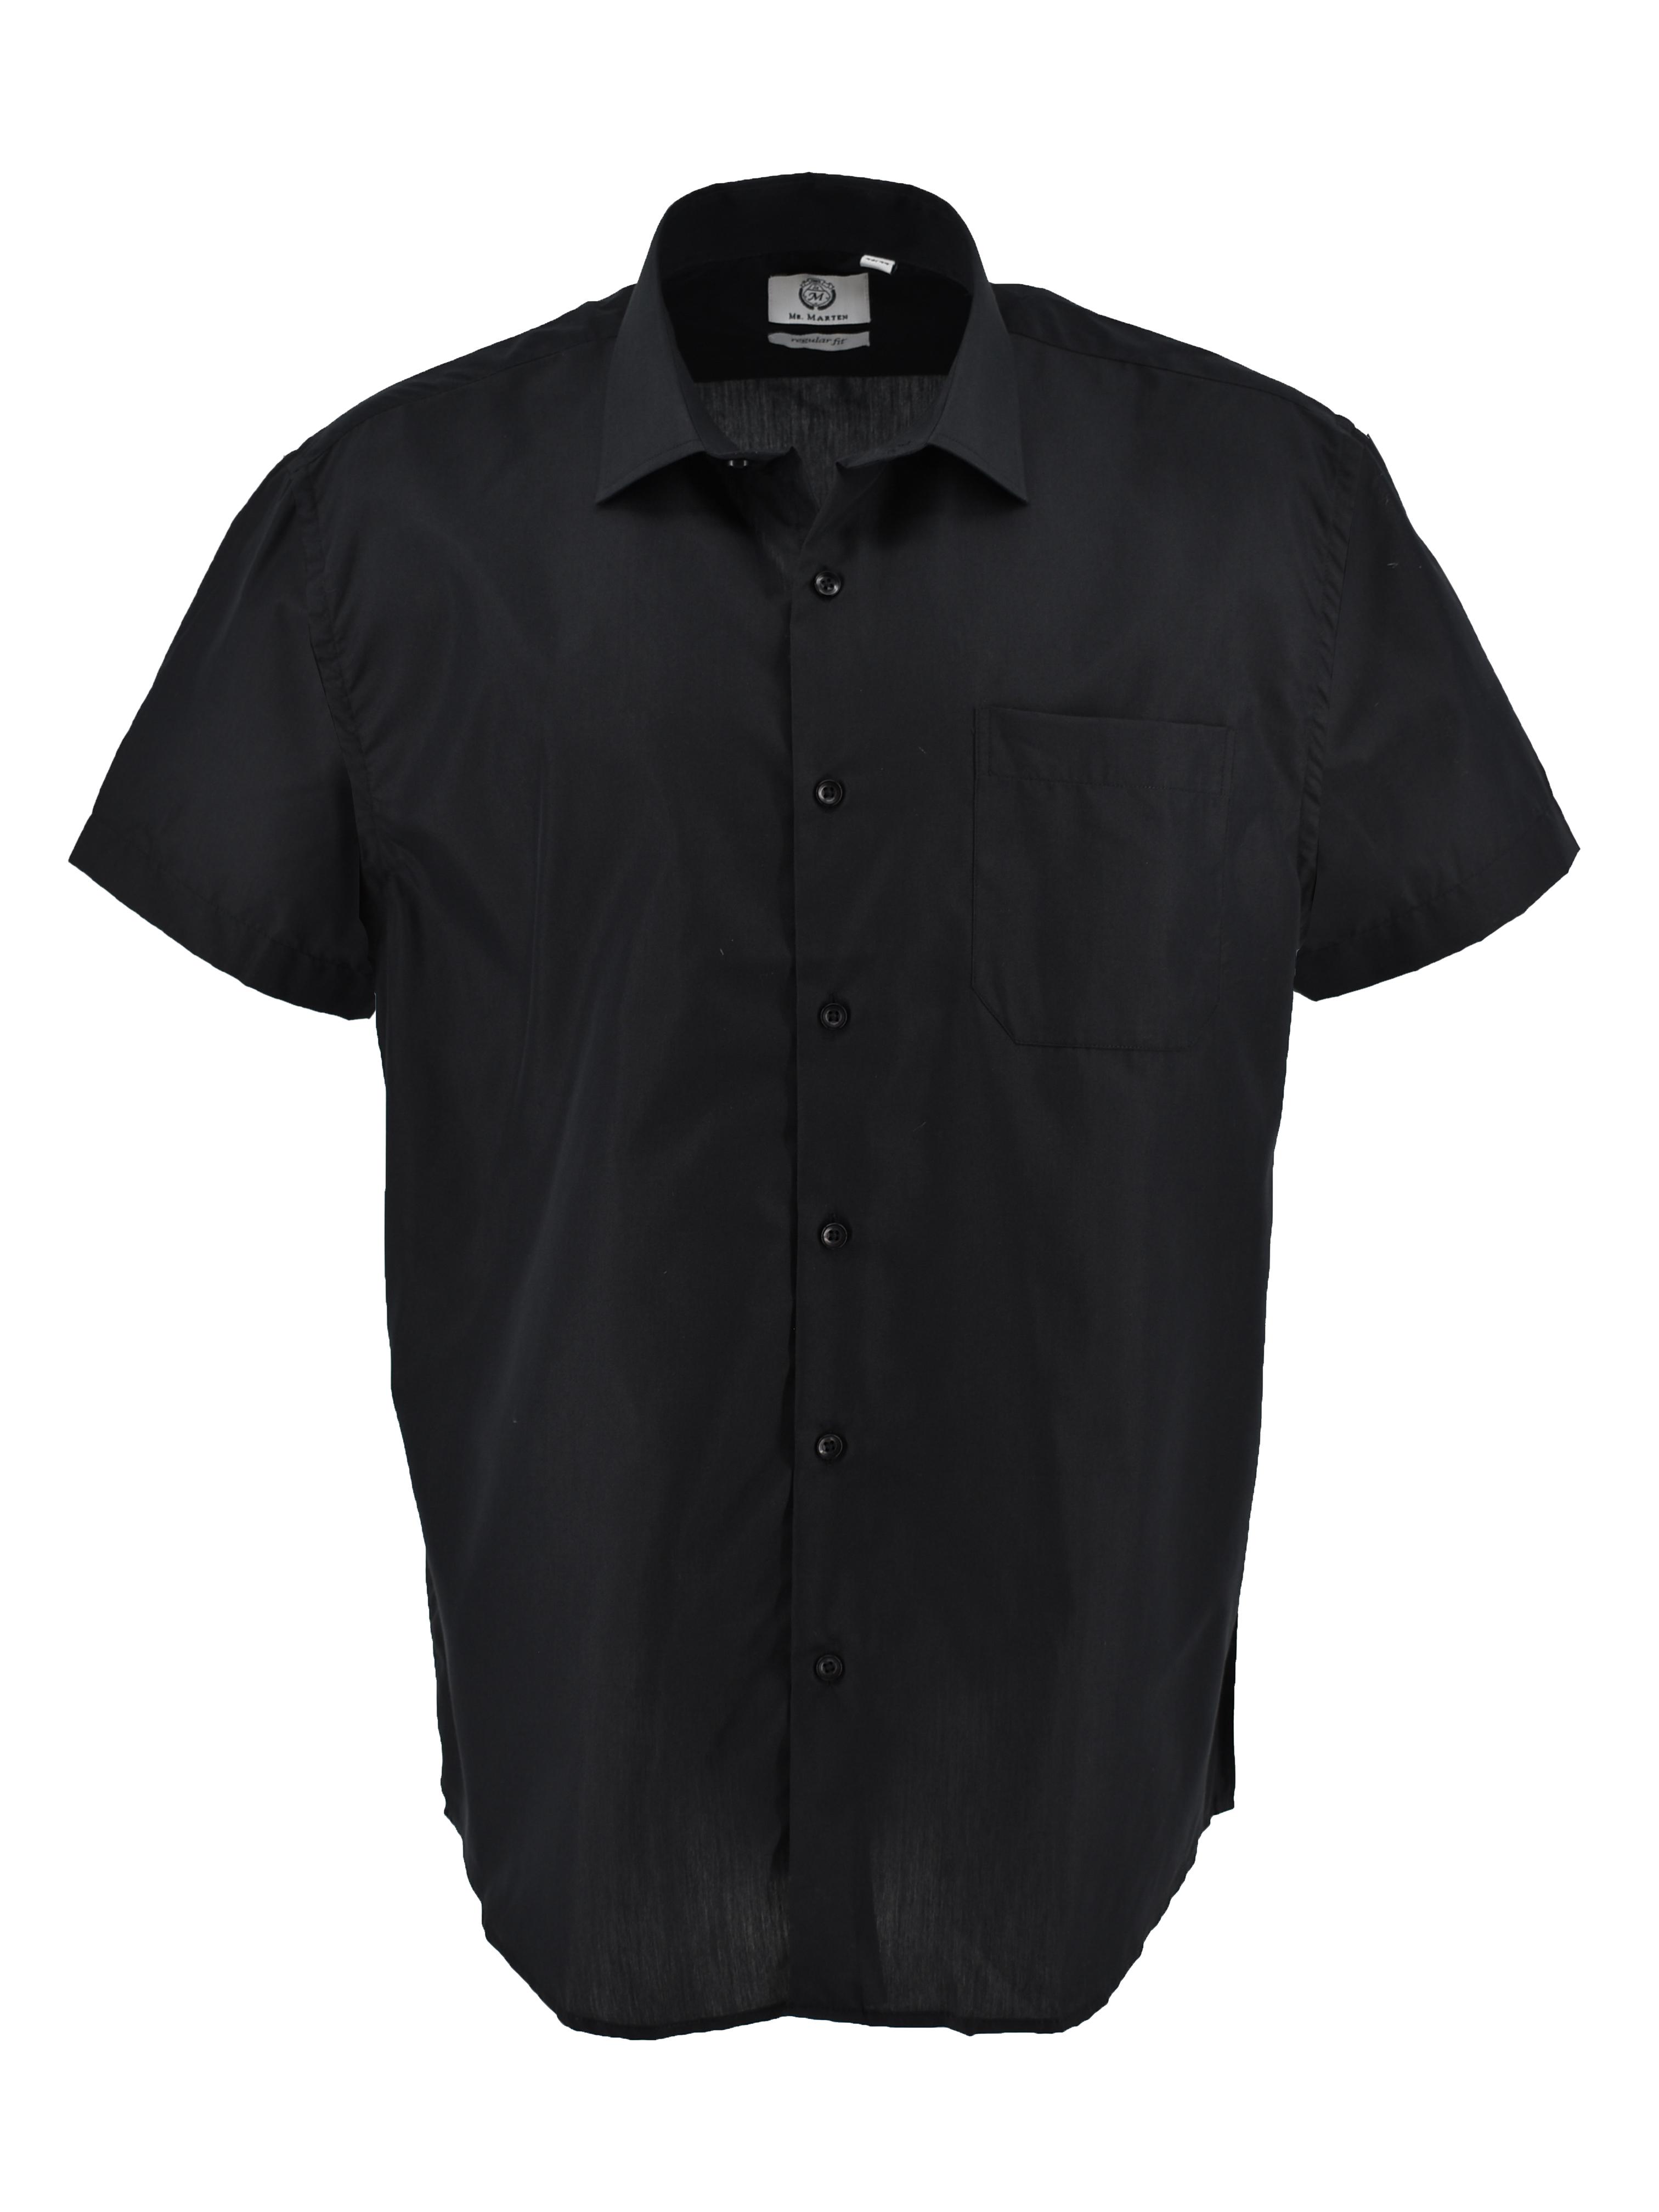 Mooi zwart overhemd met korte mouwen. Borstzakje op de linkerborst.